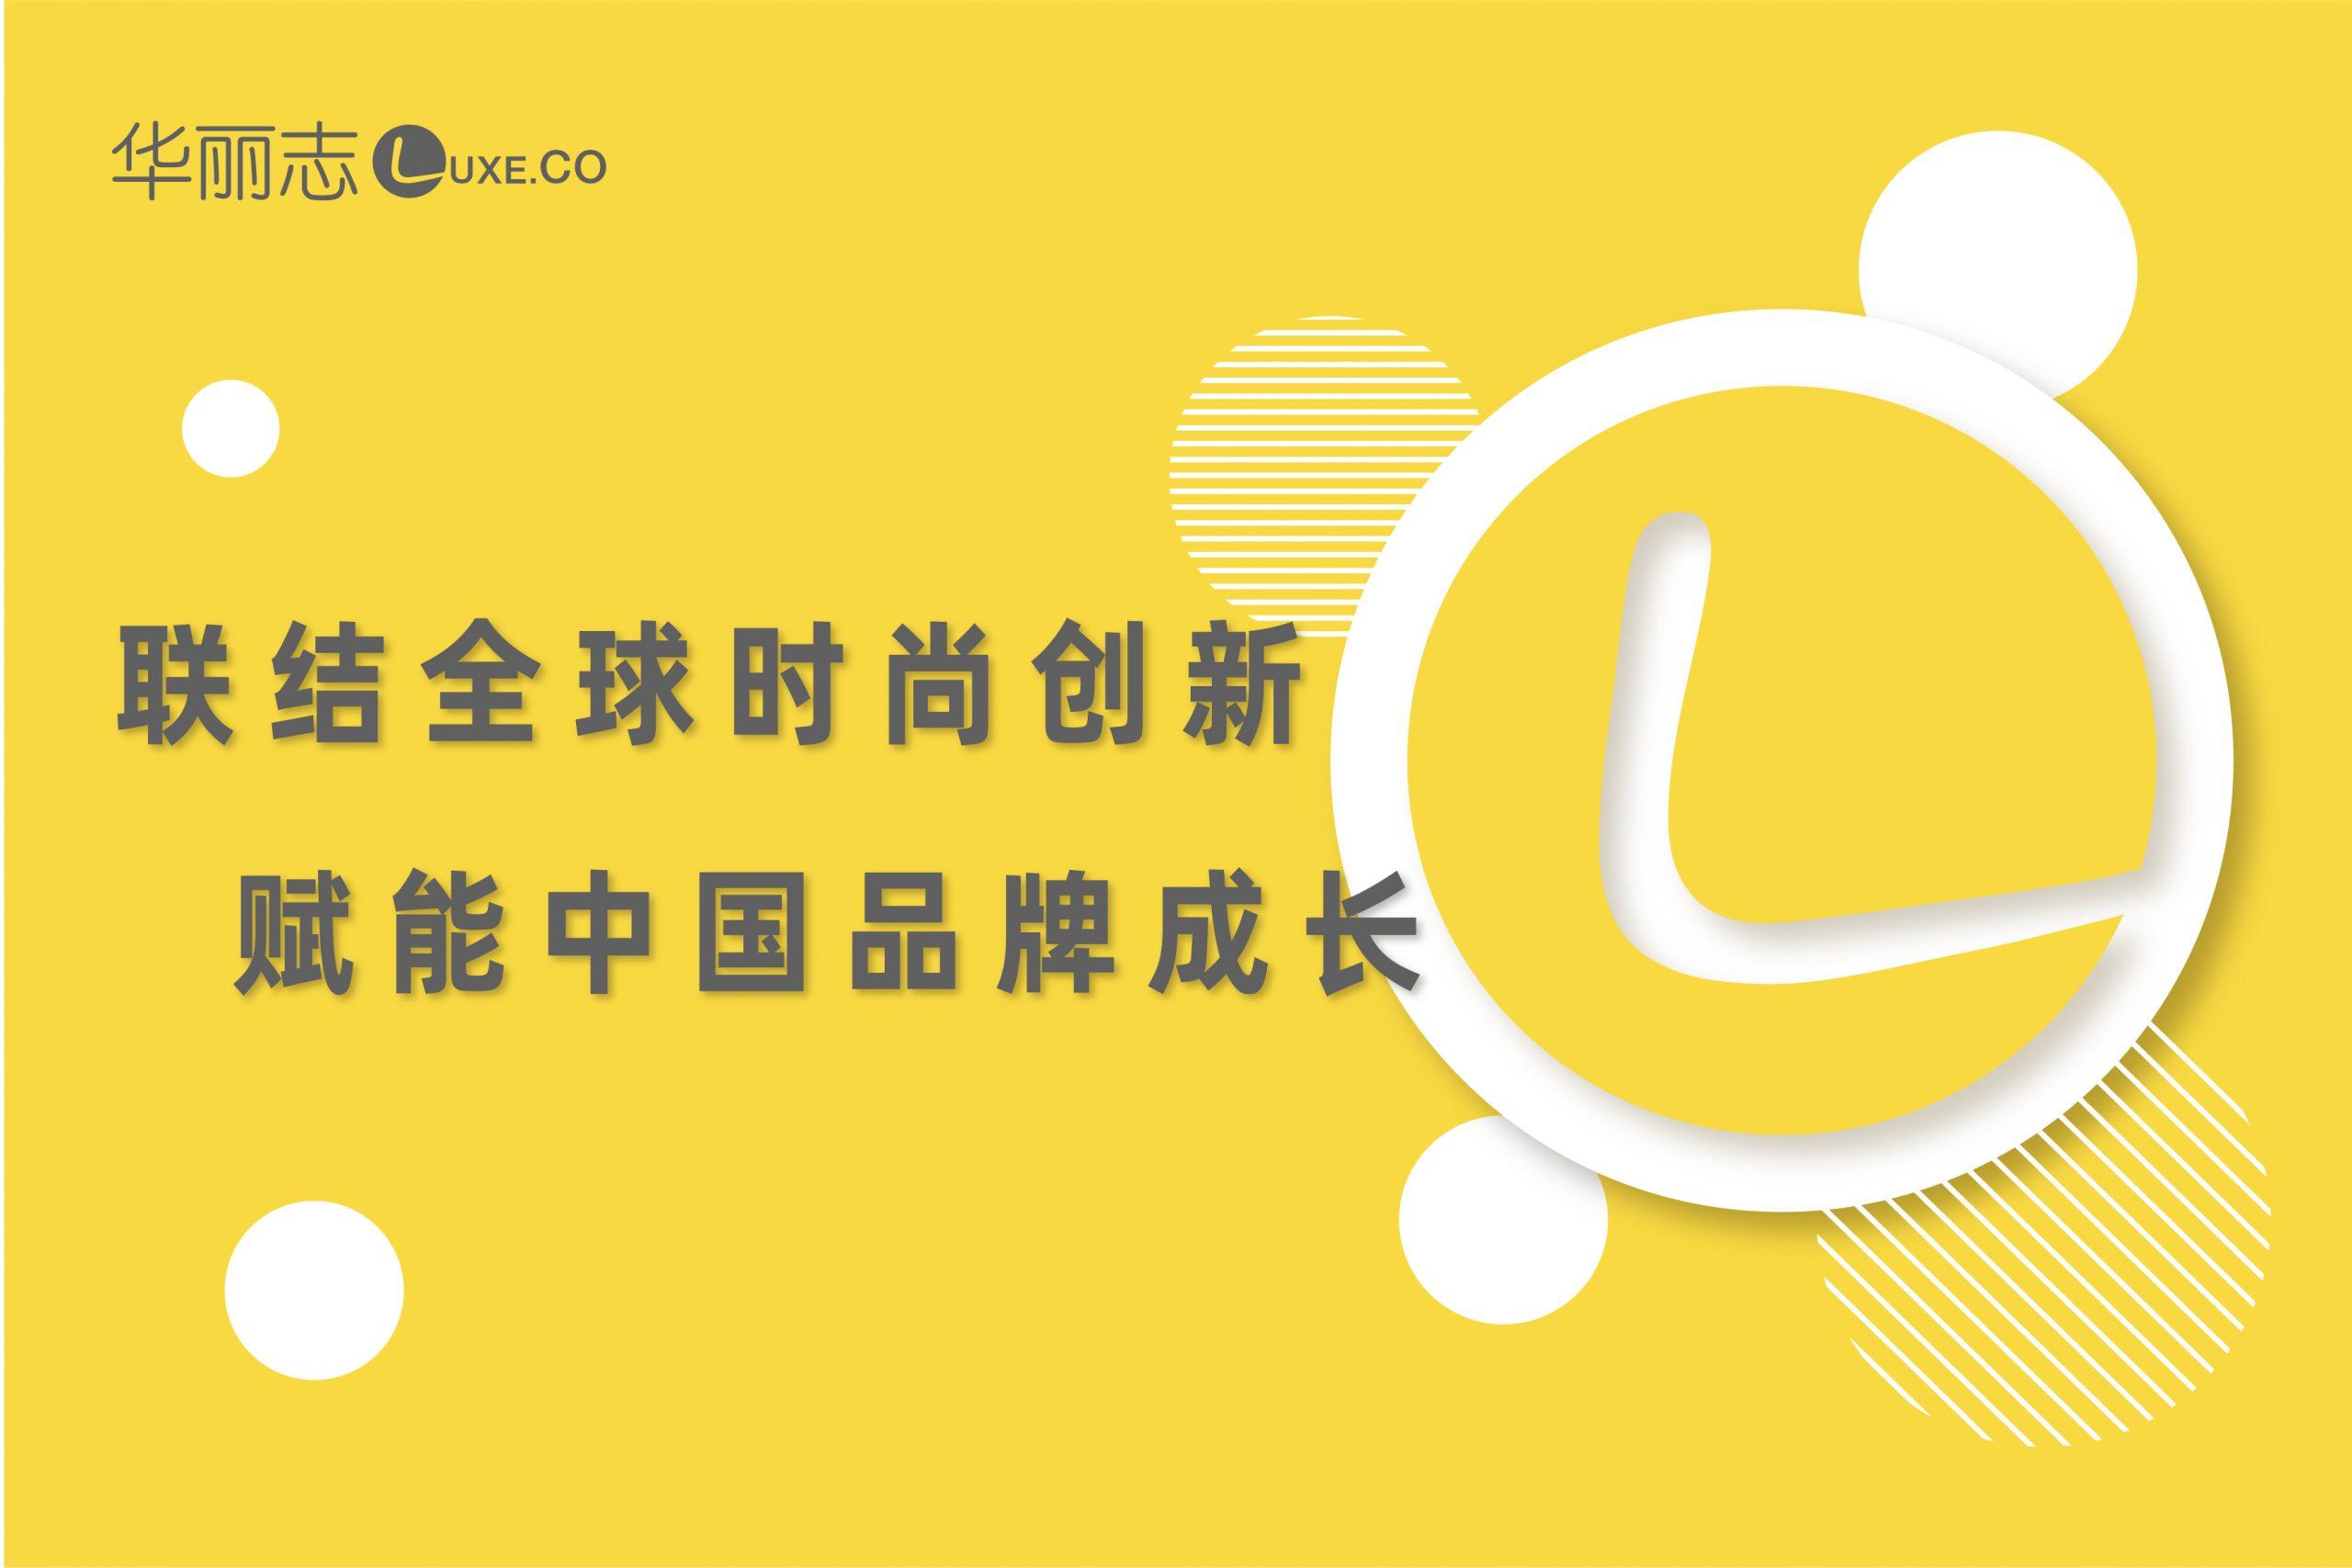 公告 | 华丽志新版App上线!附:下载方式和使用指南